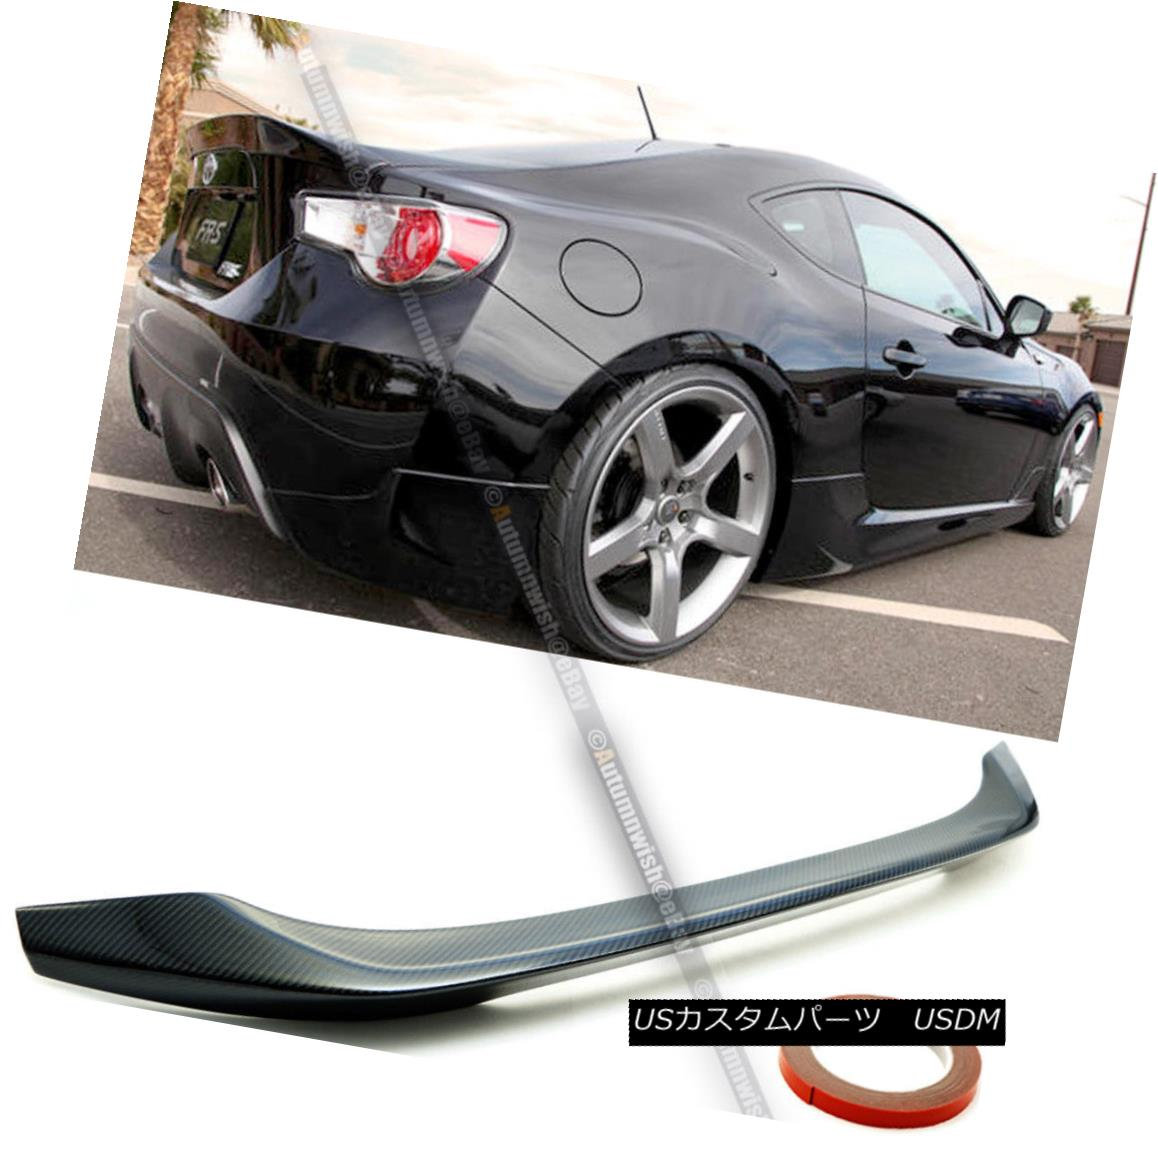 エアロパーツ Fits 13 14 15 16 FRS BRZ JDM FA Style Real Carbon Fiber Rear Trunk Wing Spoiler フィット13 14 15 16 FRS BRZ JDM FAスタイルリアルカーボンファイバーリアトランクウイングスポイラー